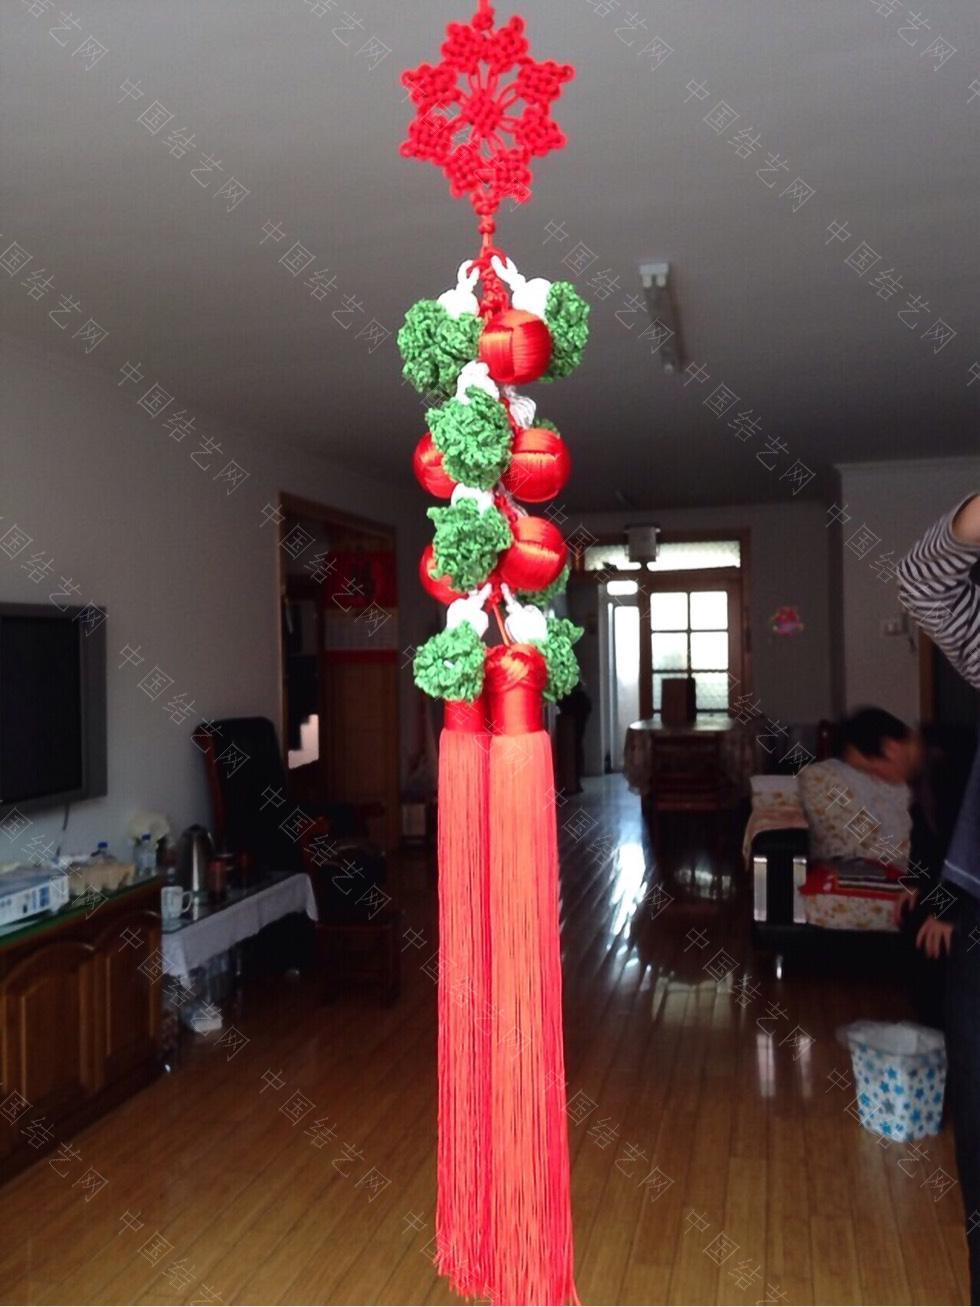 中国结论坛 恭喜发财  作品展示 175451kpcvob25x3chhvac